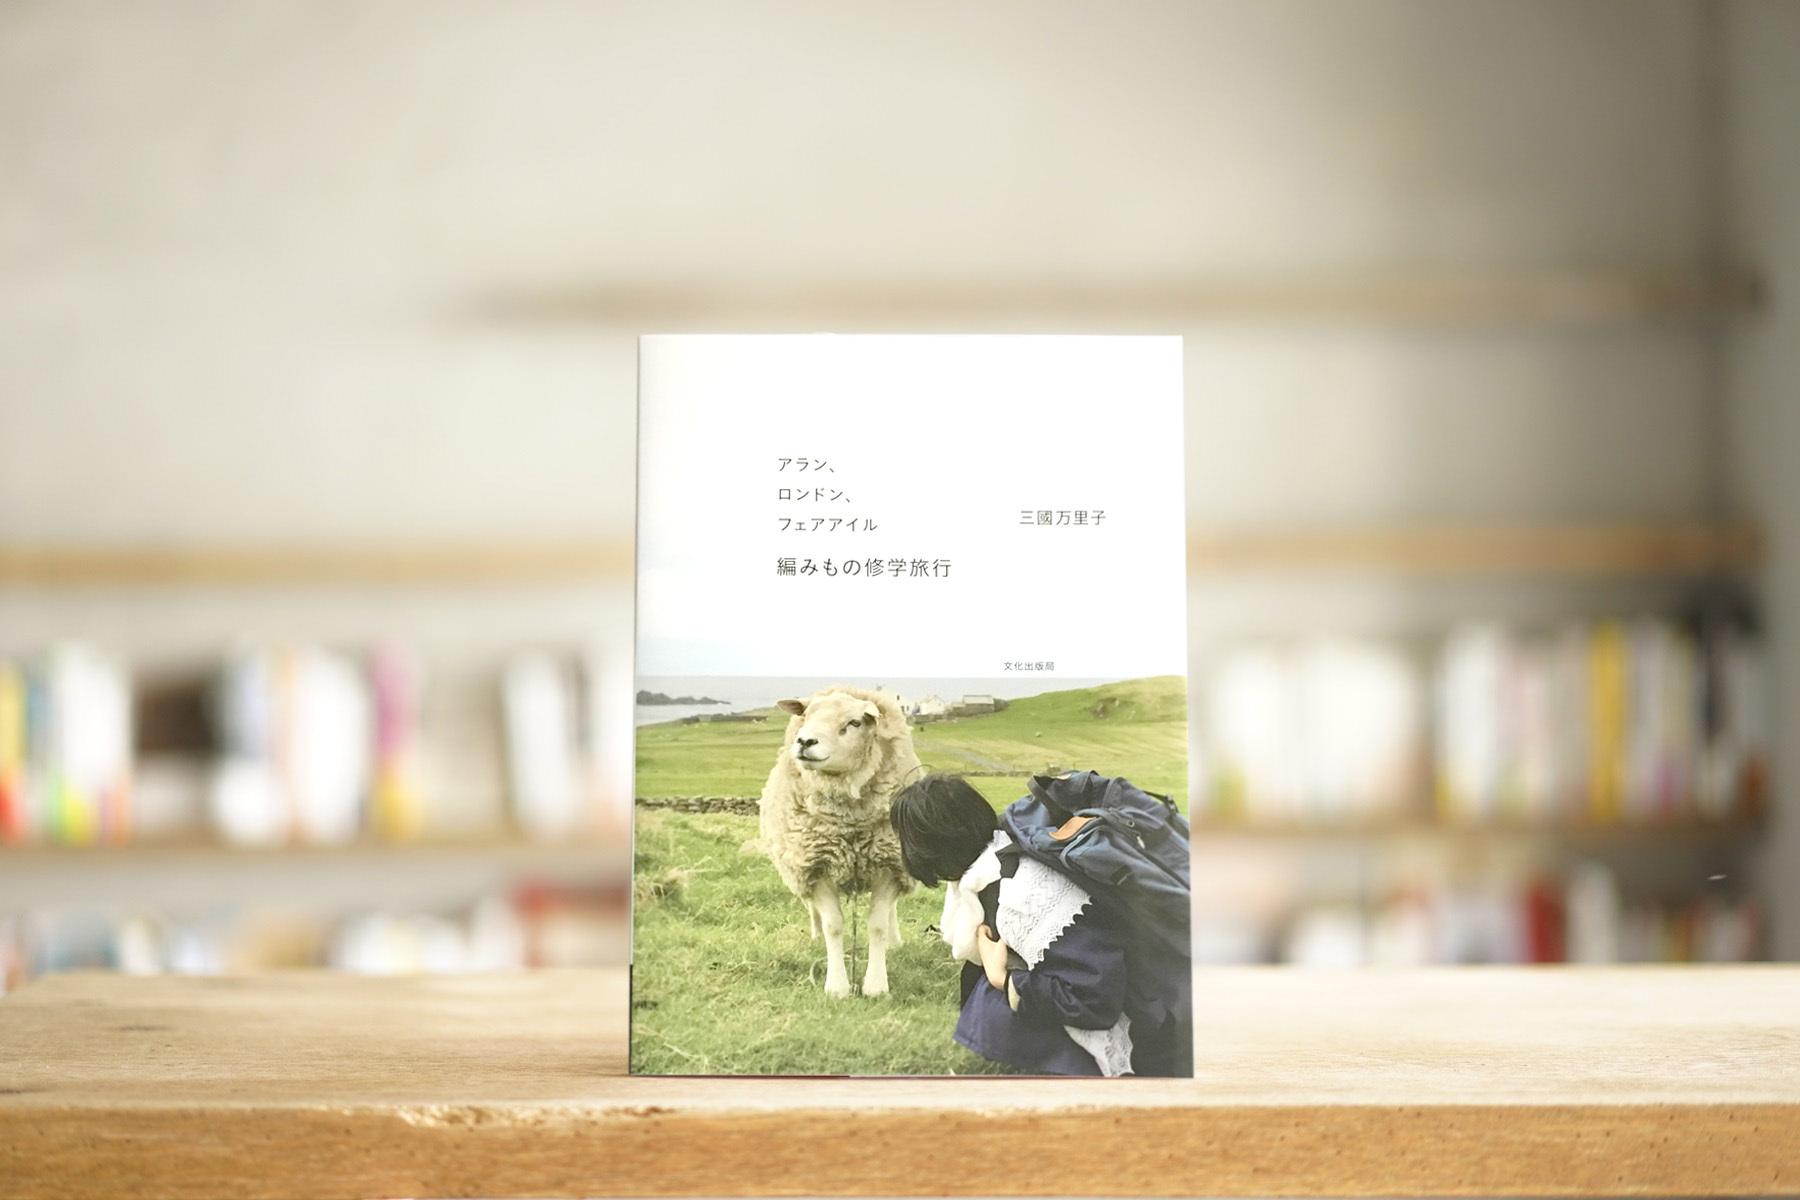 三國万里子 『アラン、ロンドン、フェアアイル 編みもの修学旅行』 (文化出版局、2014)